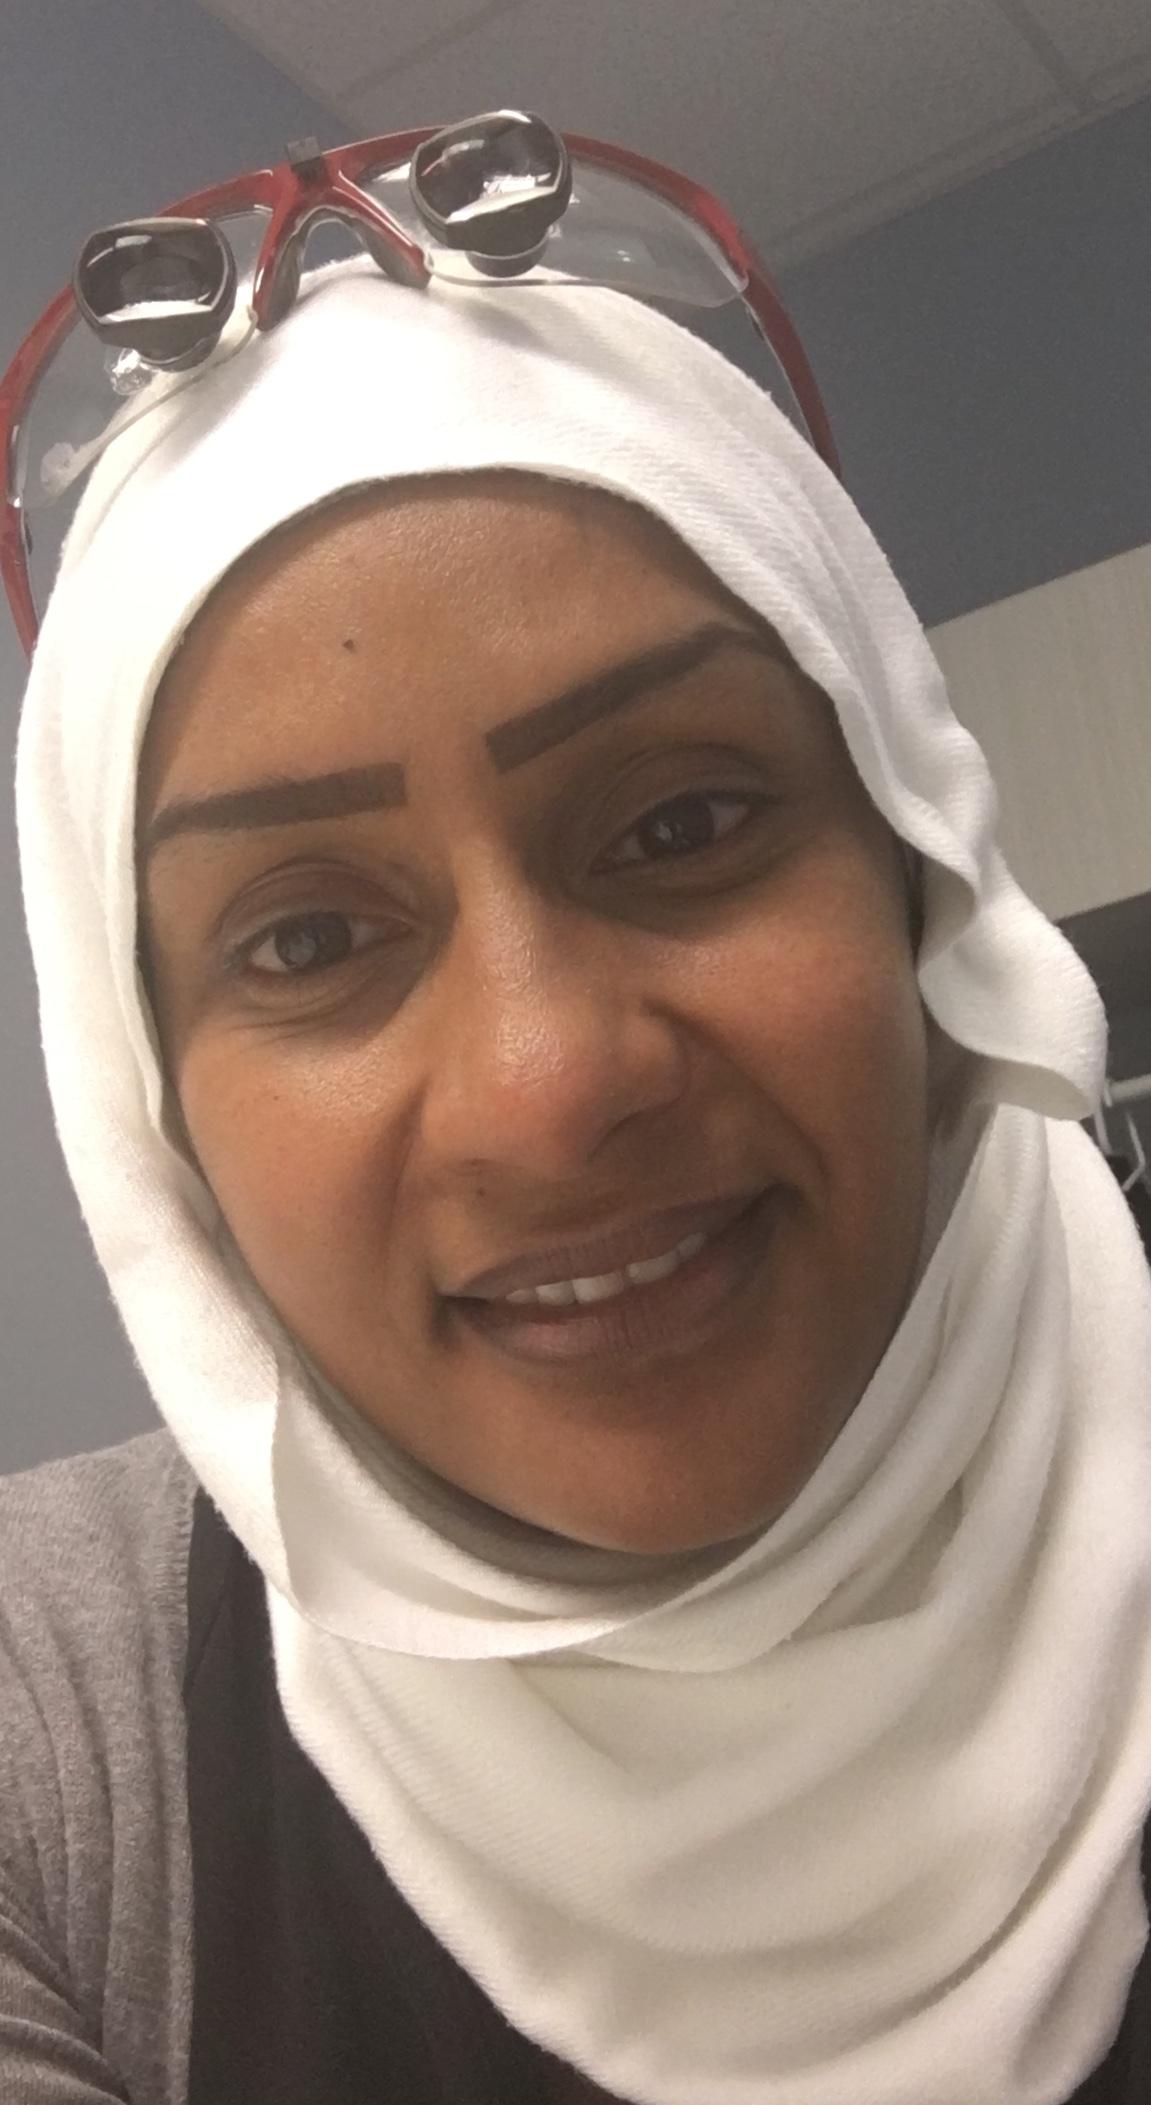 Dr. Eethar Nourein - Staff member at Highland Dental Office